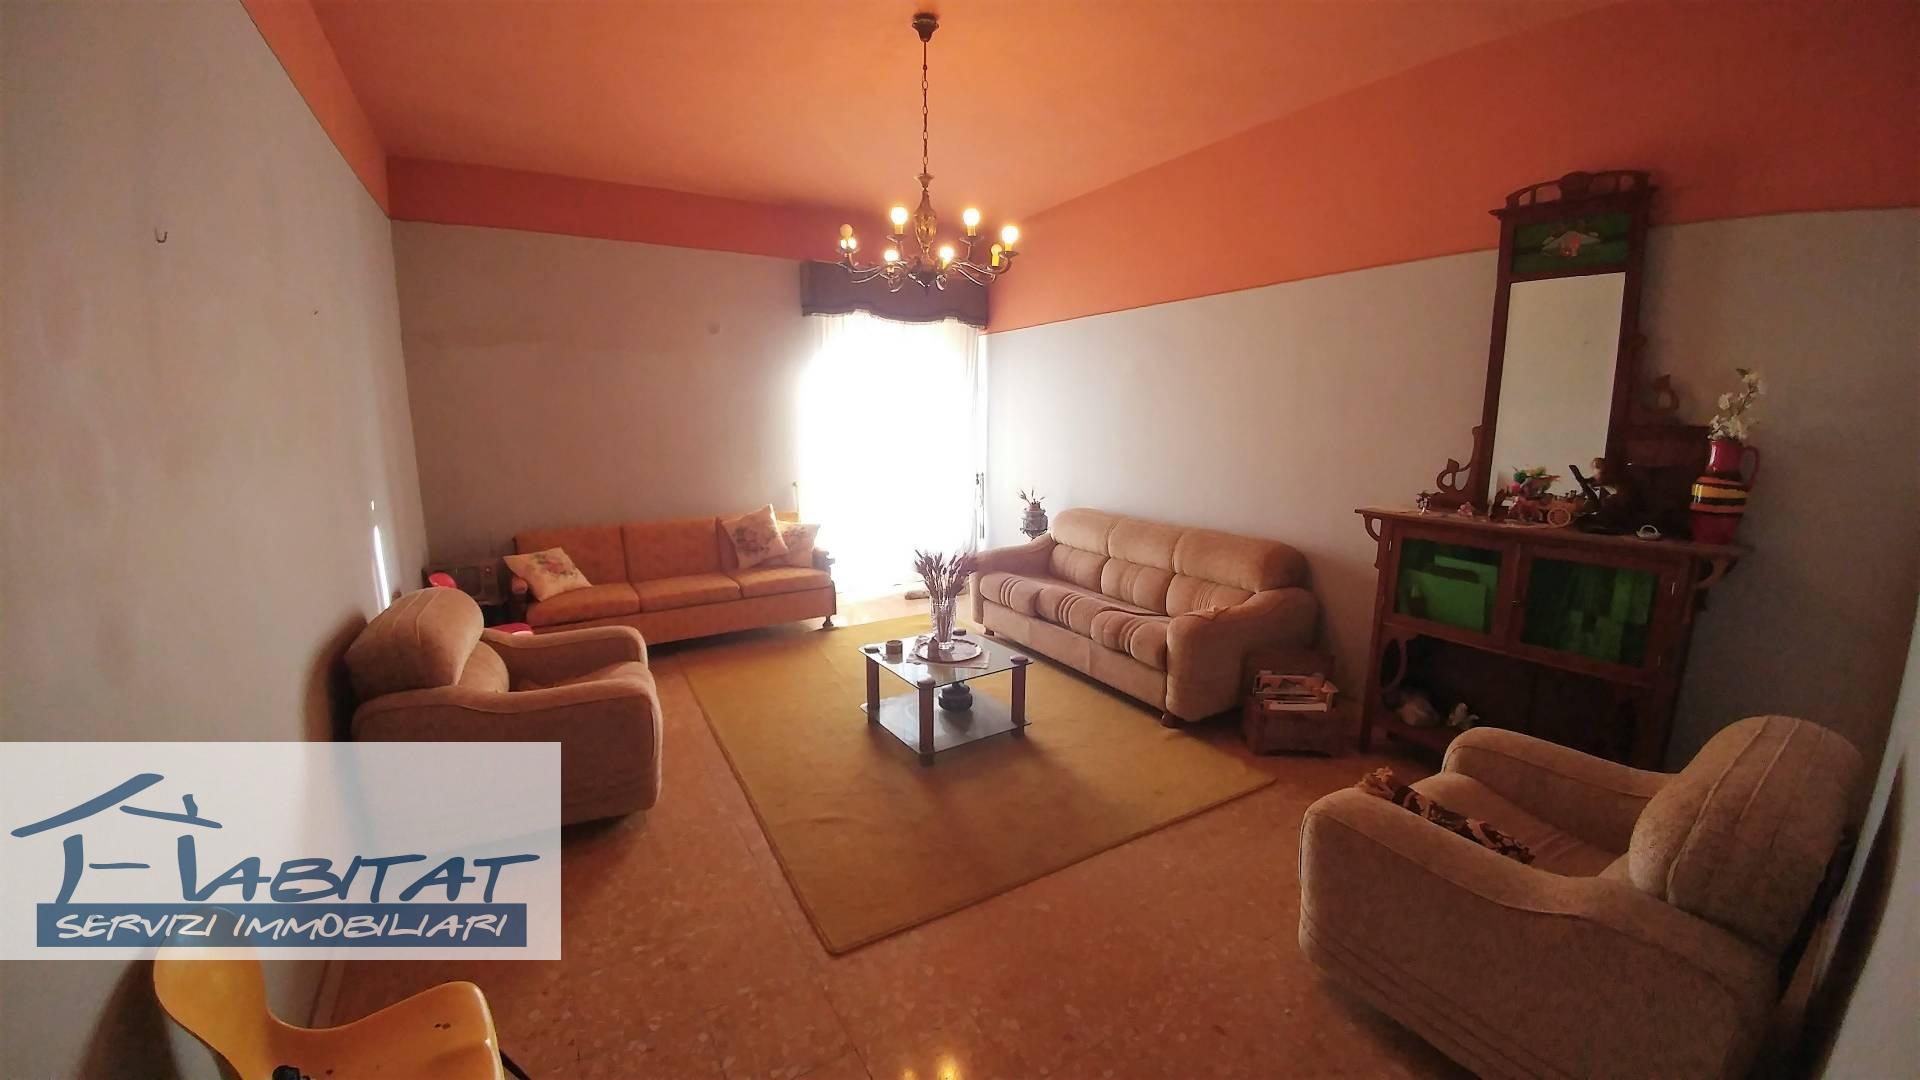 Appartamento in affitto a Agrigento, 5 locali, zona Zona: Centro, prezzo € 139.000 | CambioCasa.it